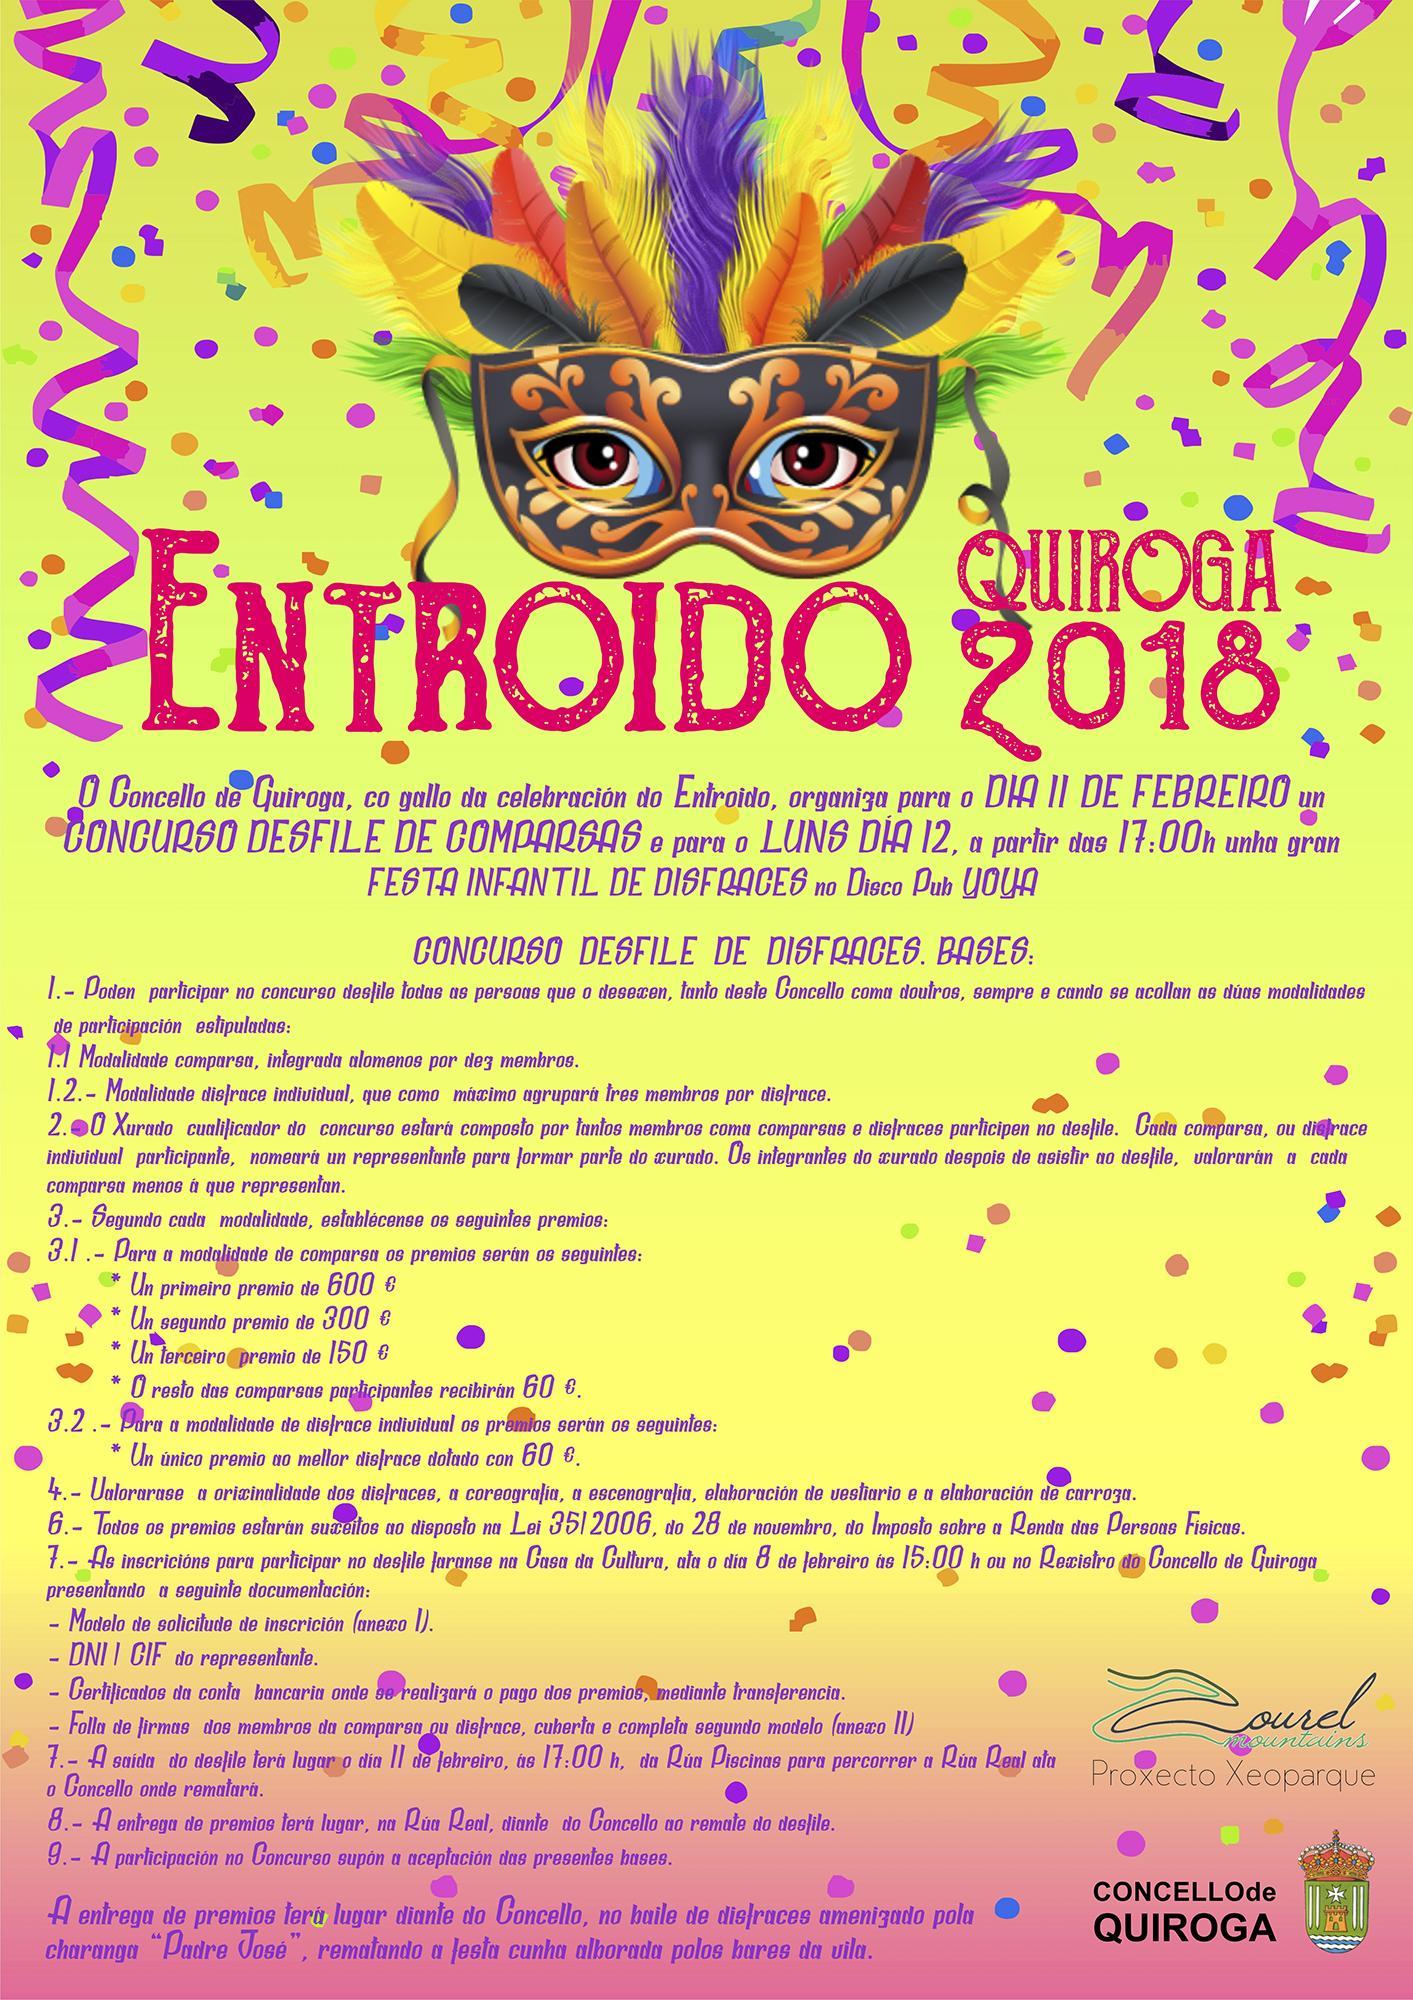 Cartel do Entroido no Concello de Quiroga para o ano 2018